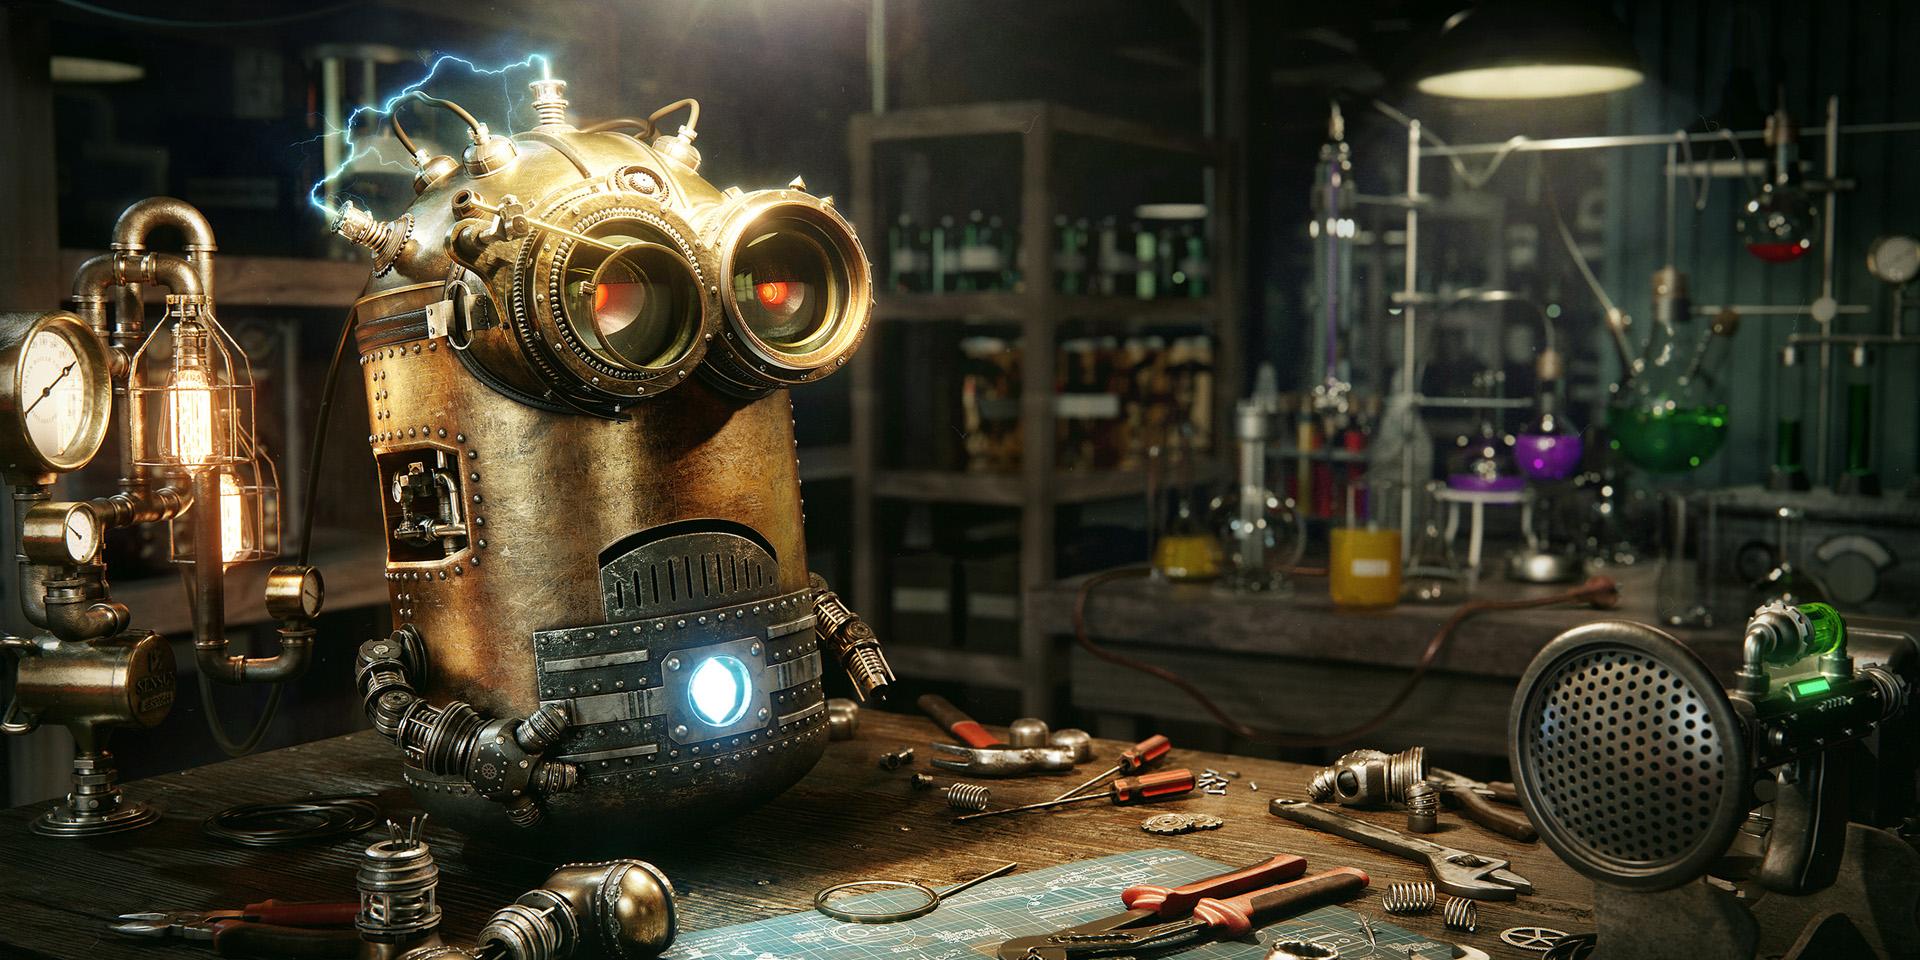 MMO-индустрия: Чего я жду от жанра MMO в ближайшие десять лет